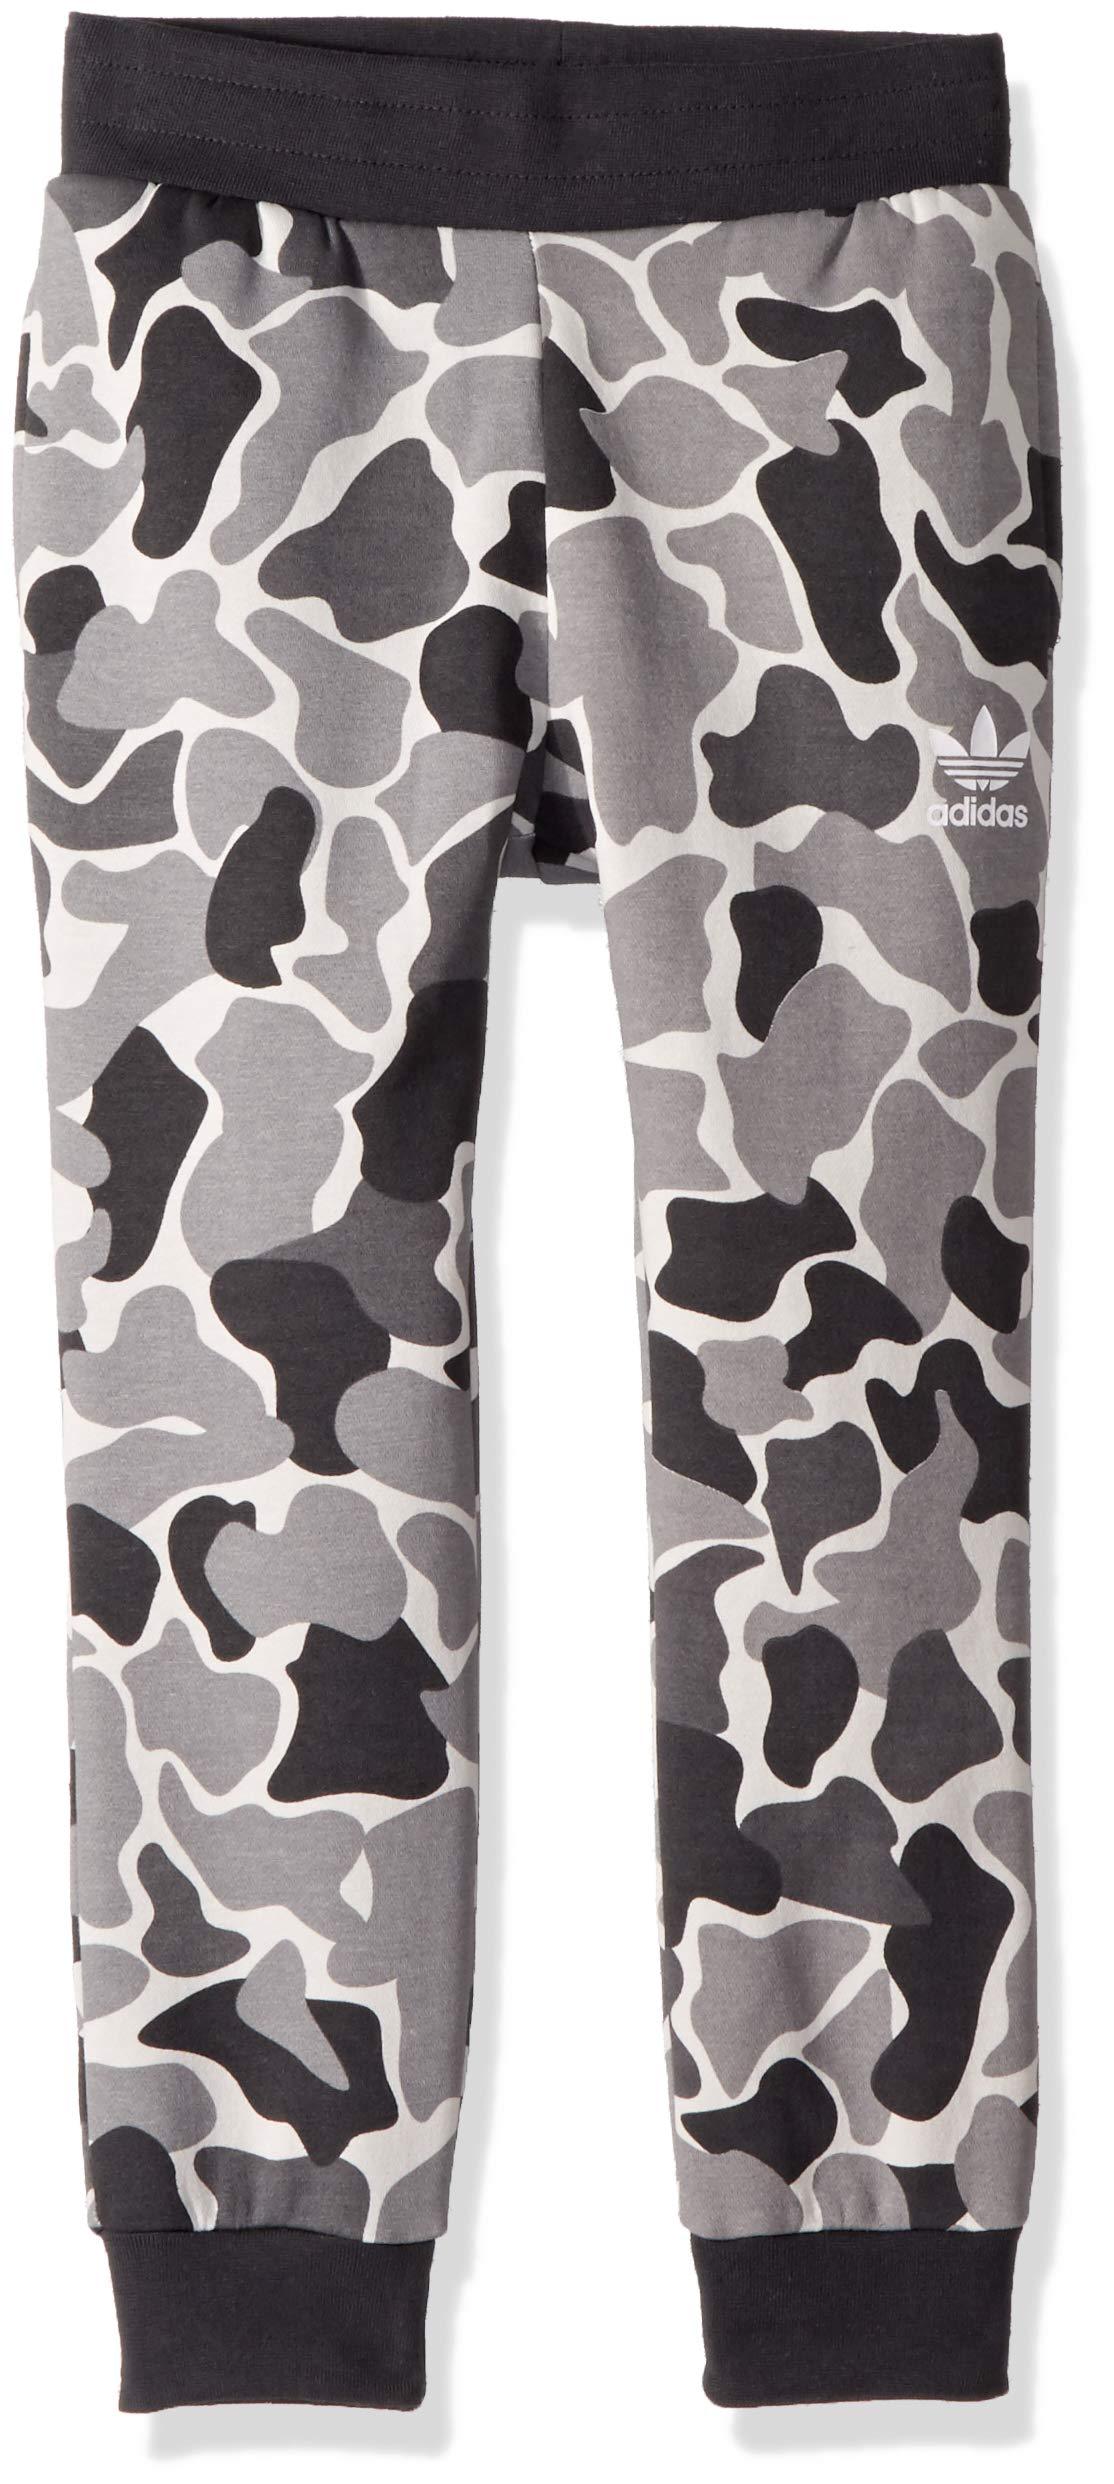 adidas Originals Boys' Little' Trefoil Camo Print Pants, Multi/Carbon, S